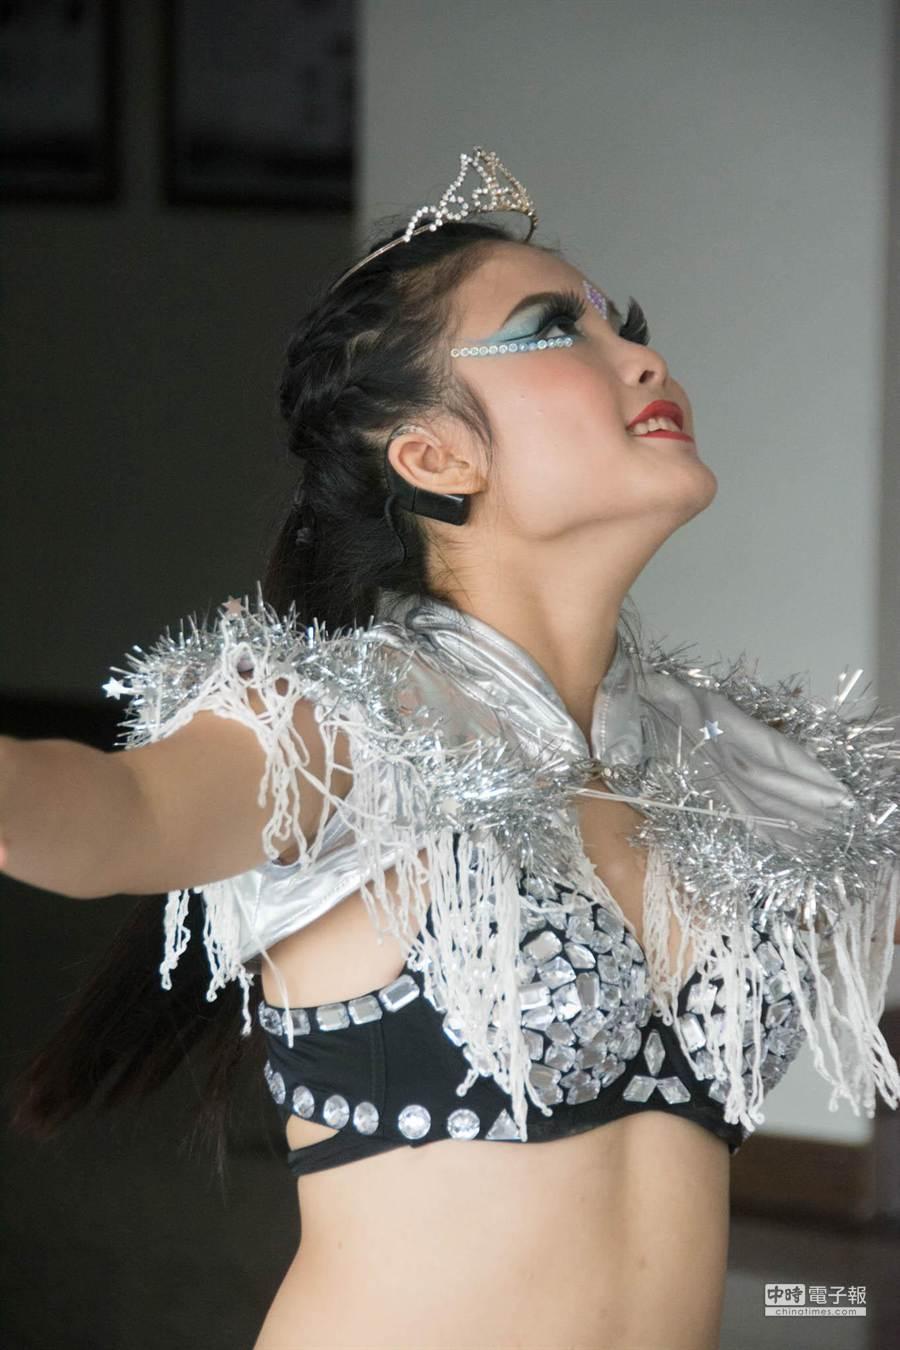 林欣霓舞步跳在節奏上,展現過人自信,旁人不注意還無法察覺她右耳戴著人工電子耳。(林宏聰攝)